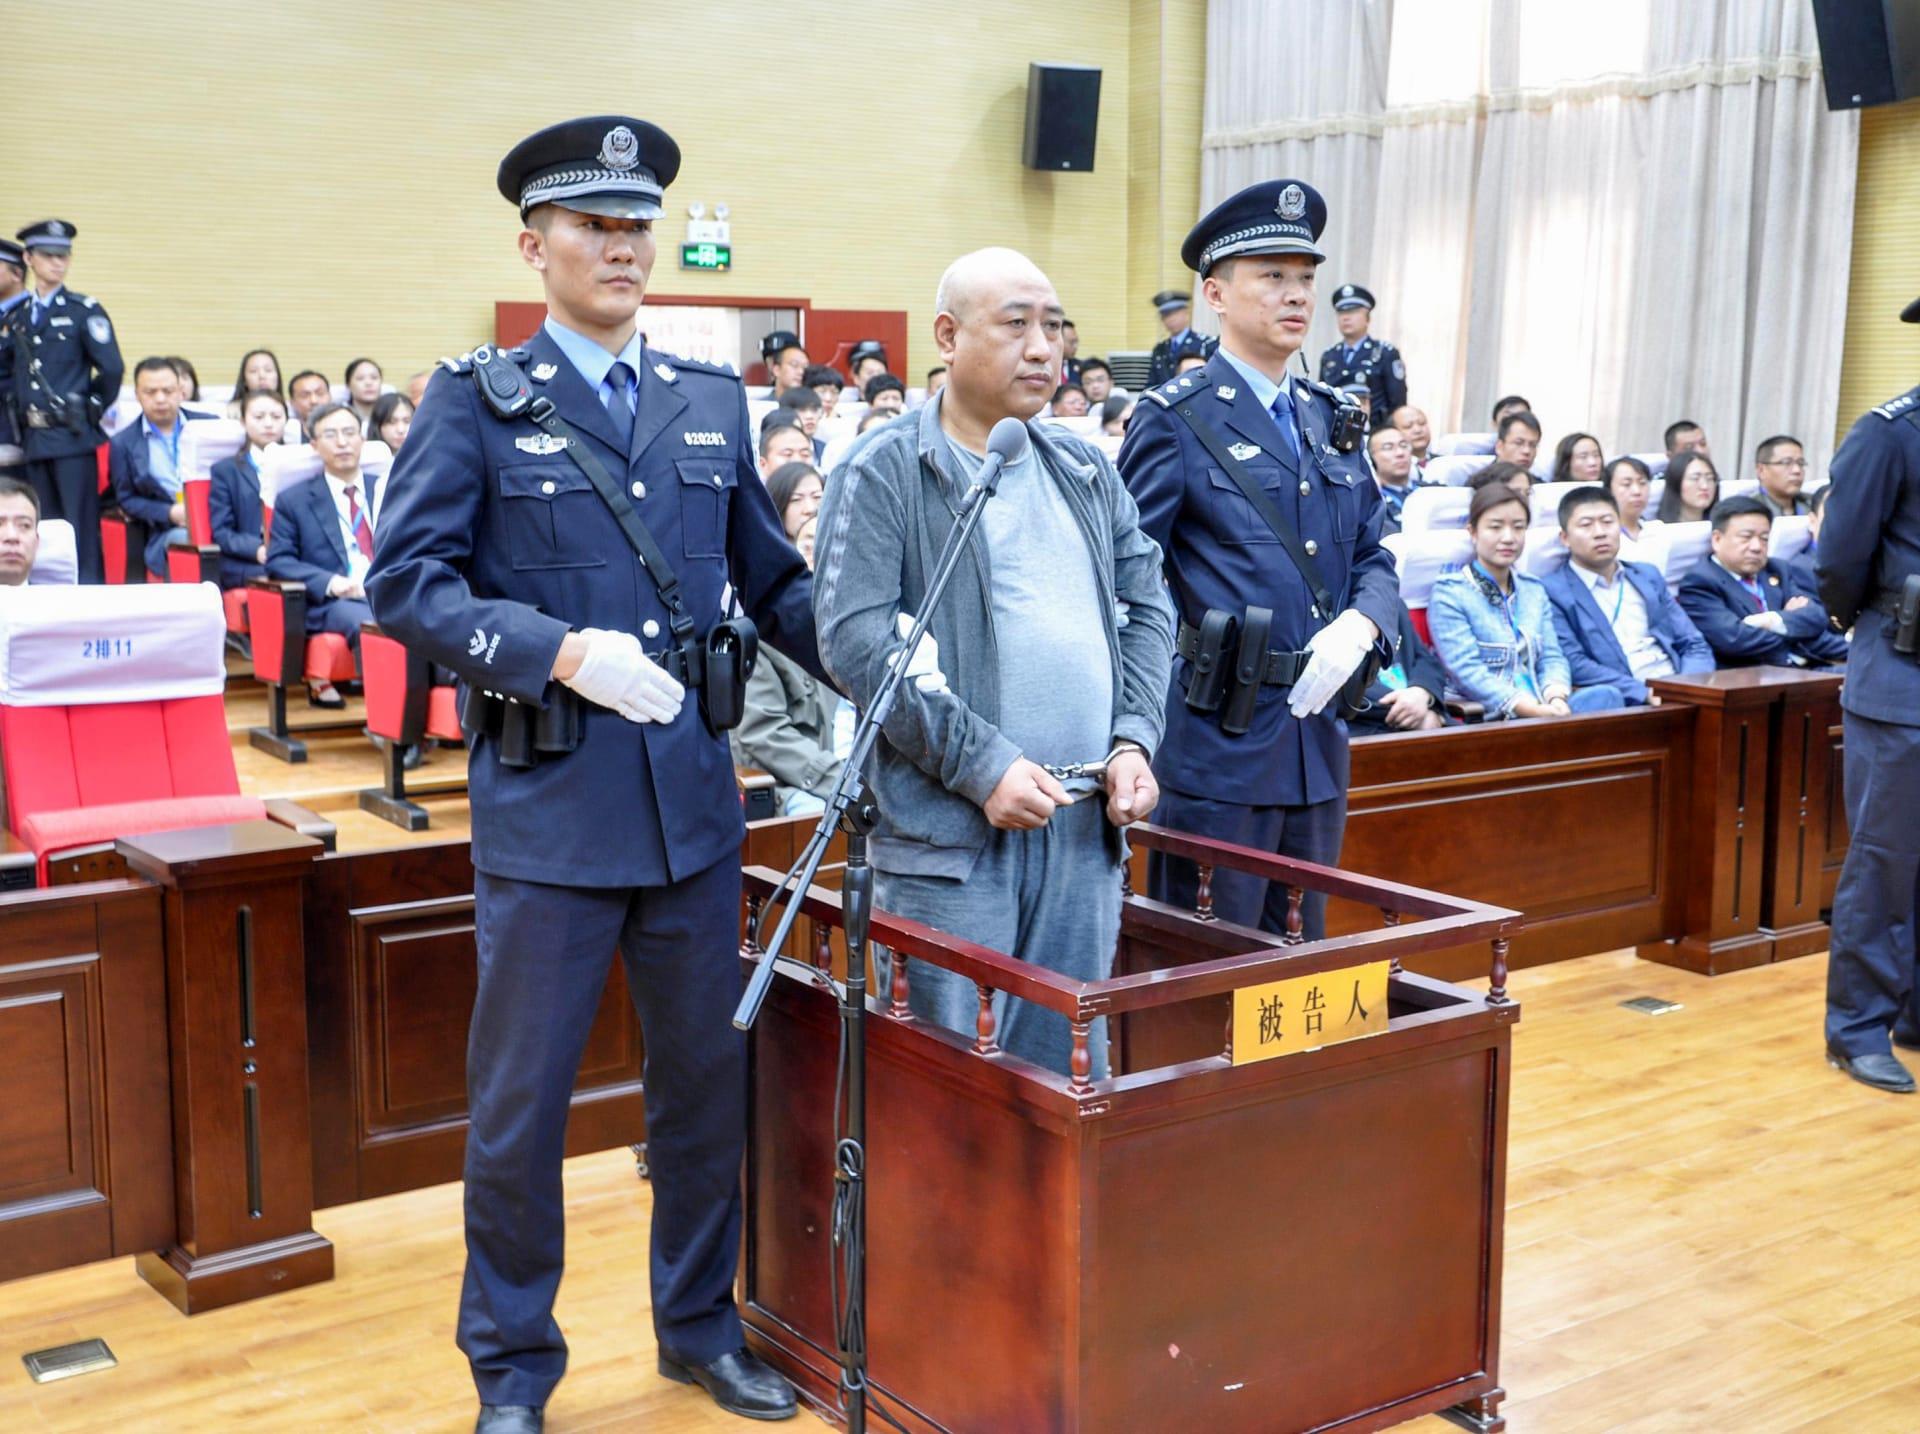 إعدام رجل اغتصب وقتل 10 نساء في الصين.. وشوه جثث ضحاياه